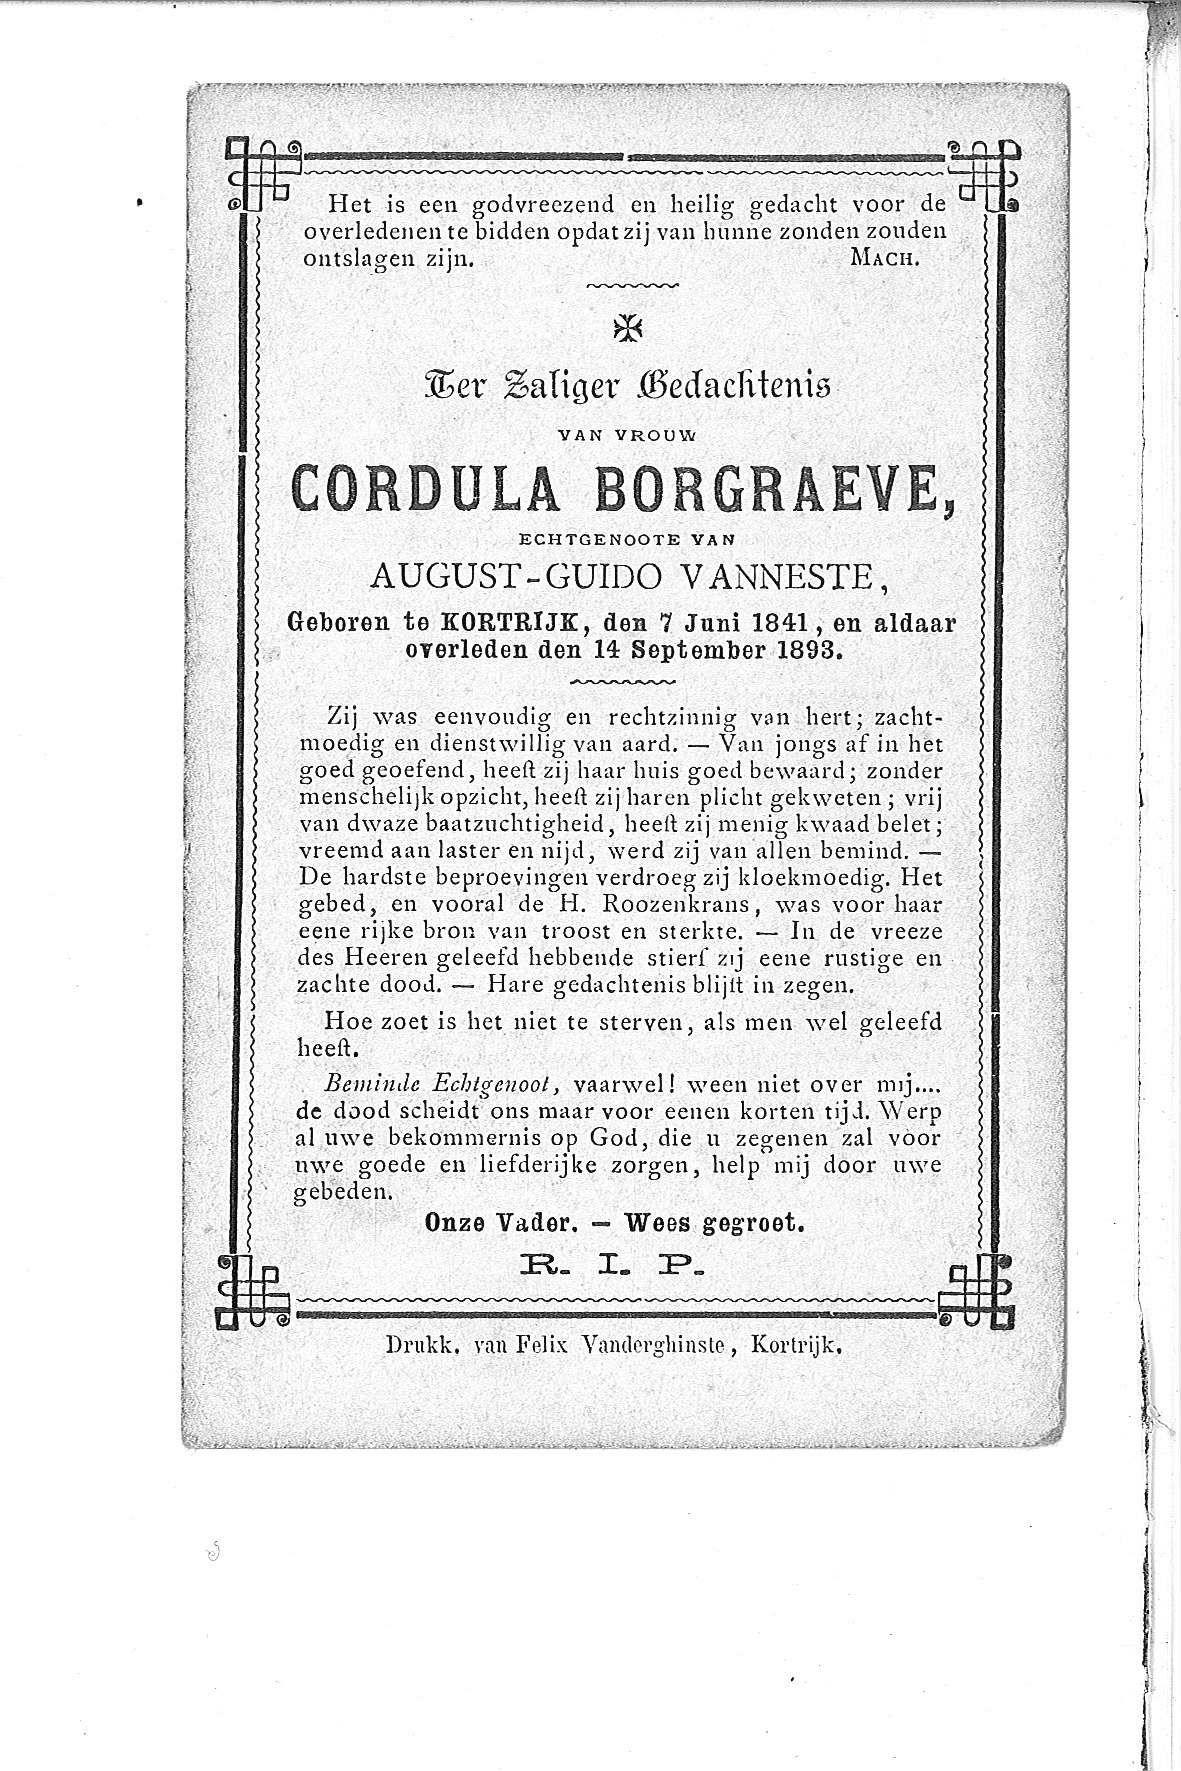 Cordula(1893)20110519081349_00003.jpg